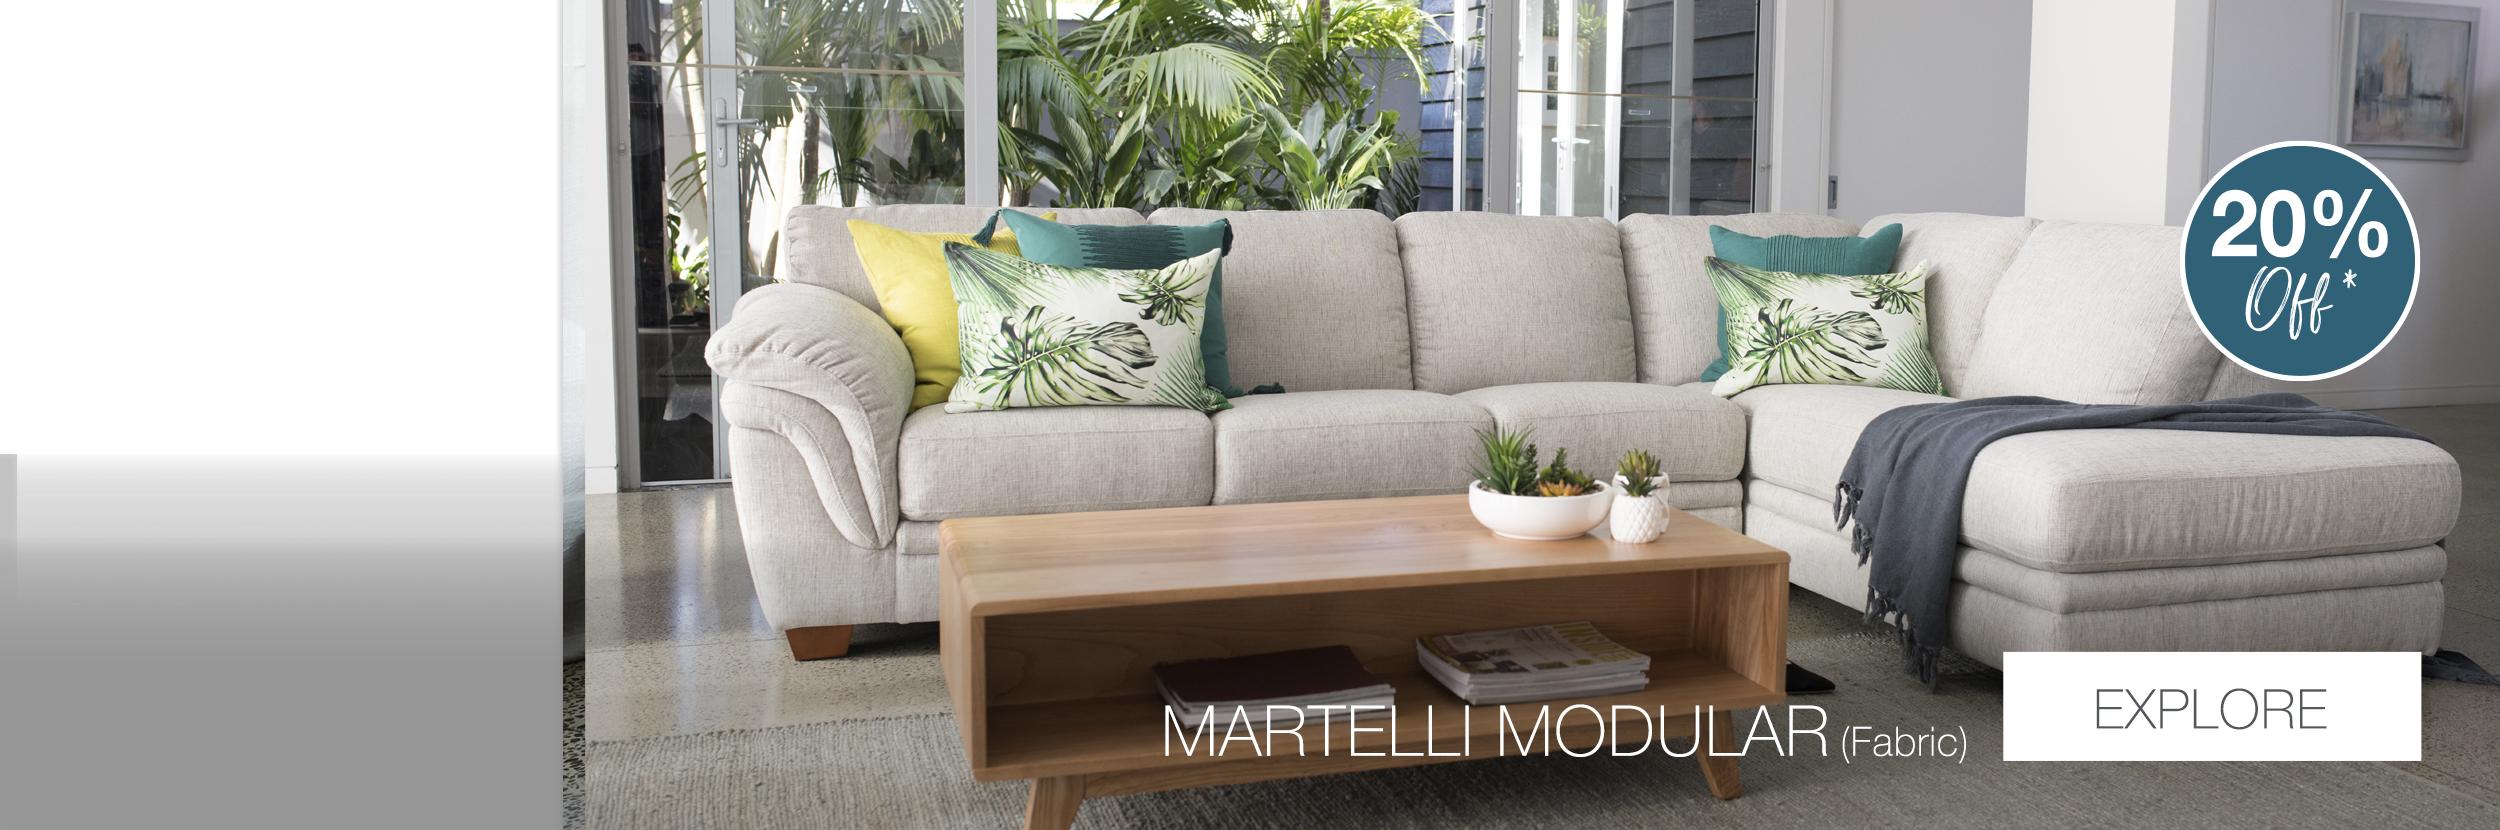 Recliner Sale Martelli - Aussie (Desktop)